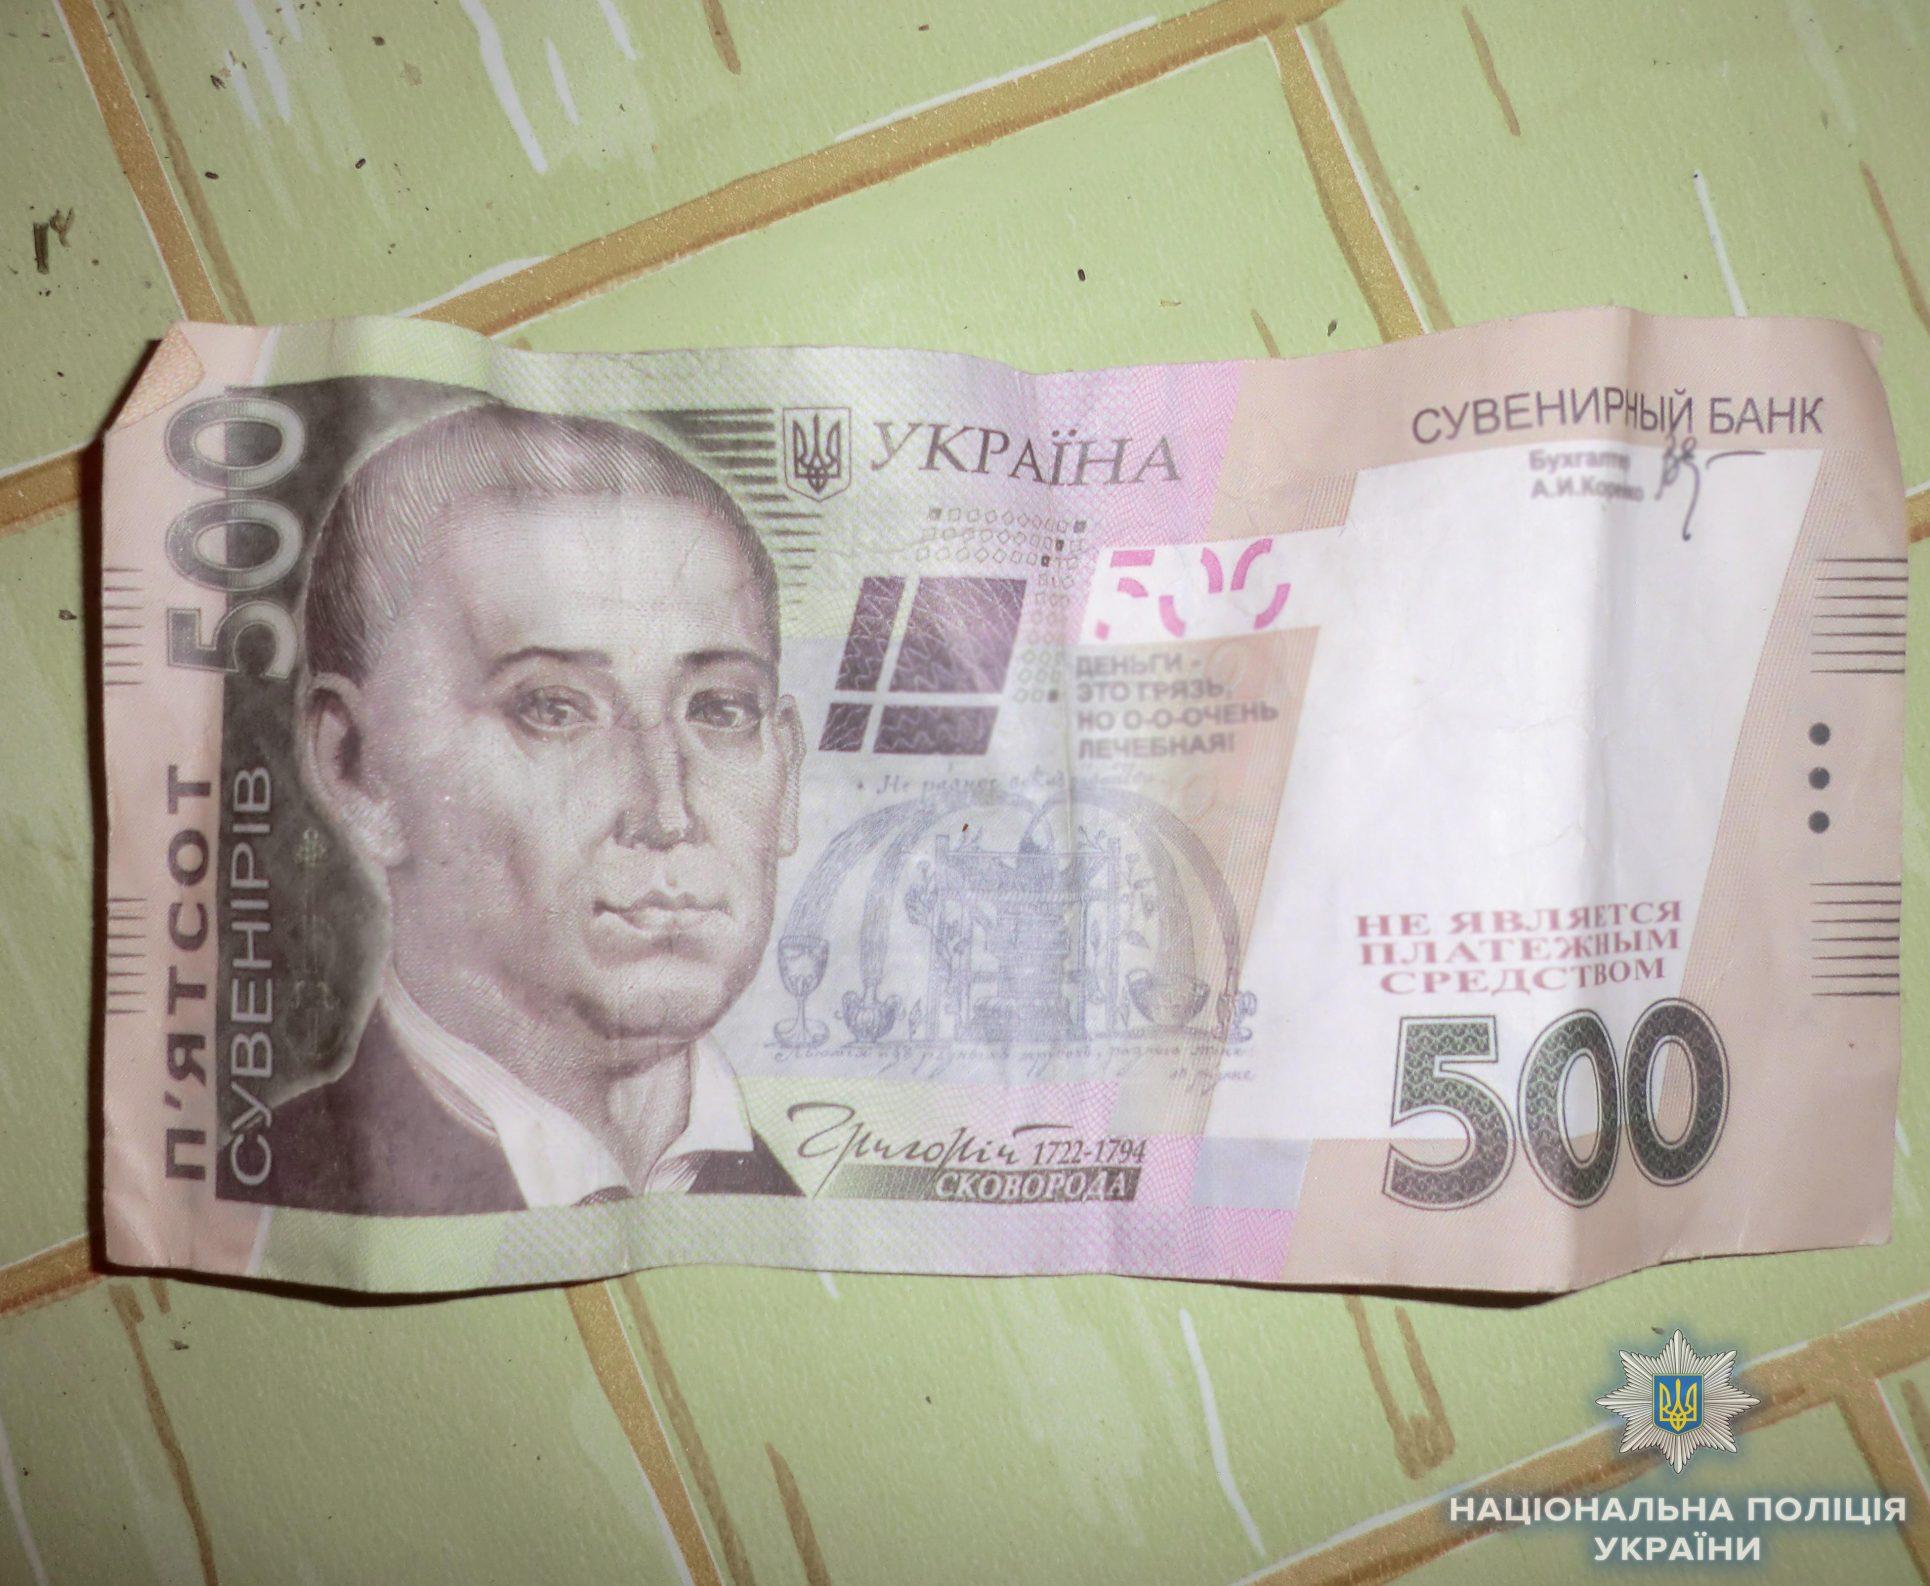 На Кіровоградщині шахрайка вимінювала сувенірні купюри на реальні гроші в пенсіонерів - 2 - Події - Без Купюр